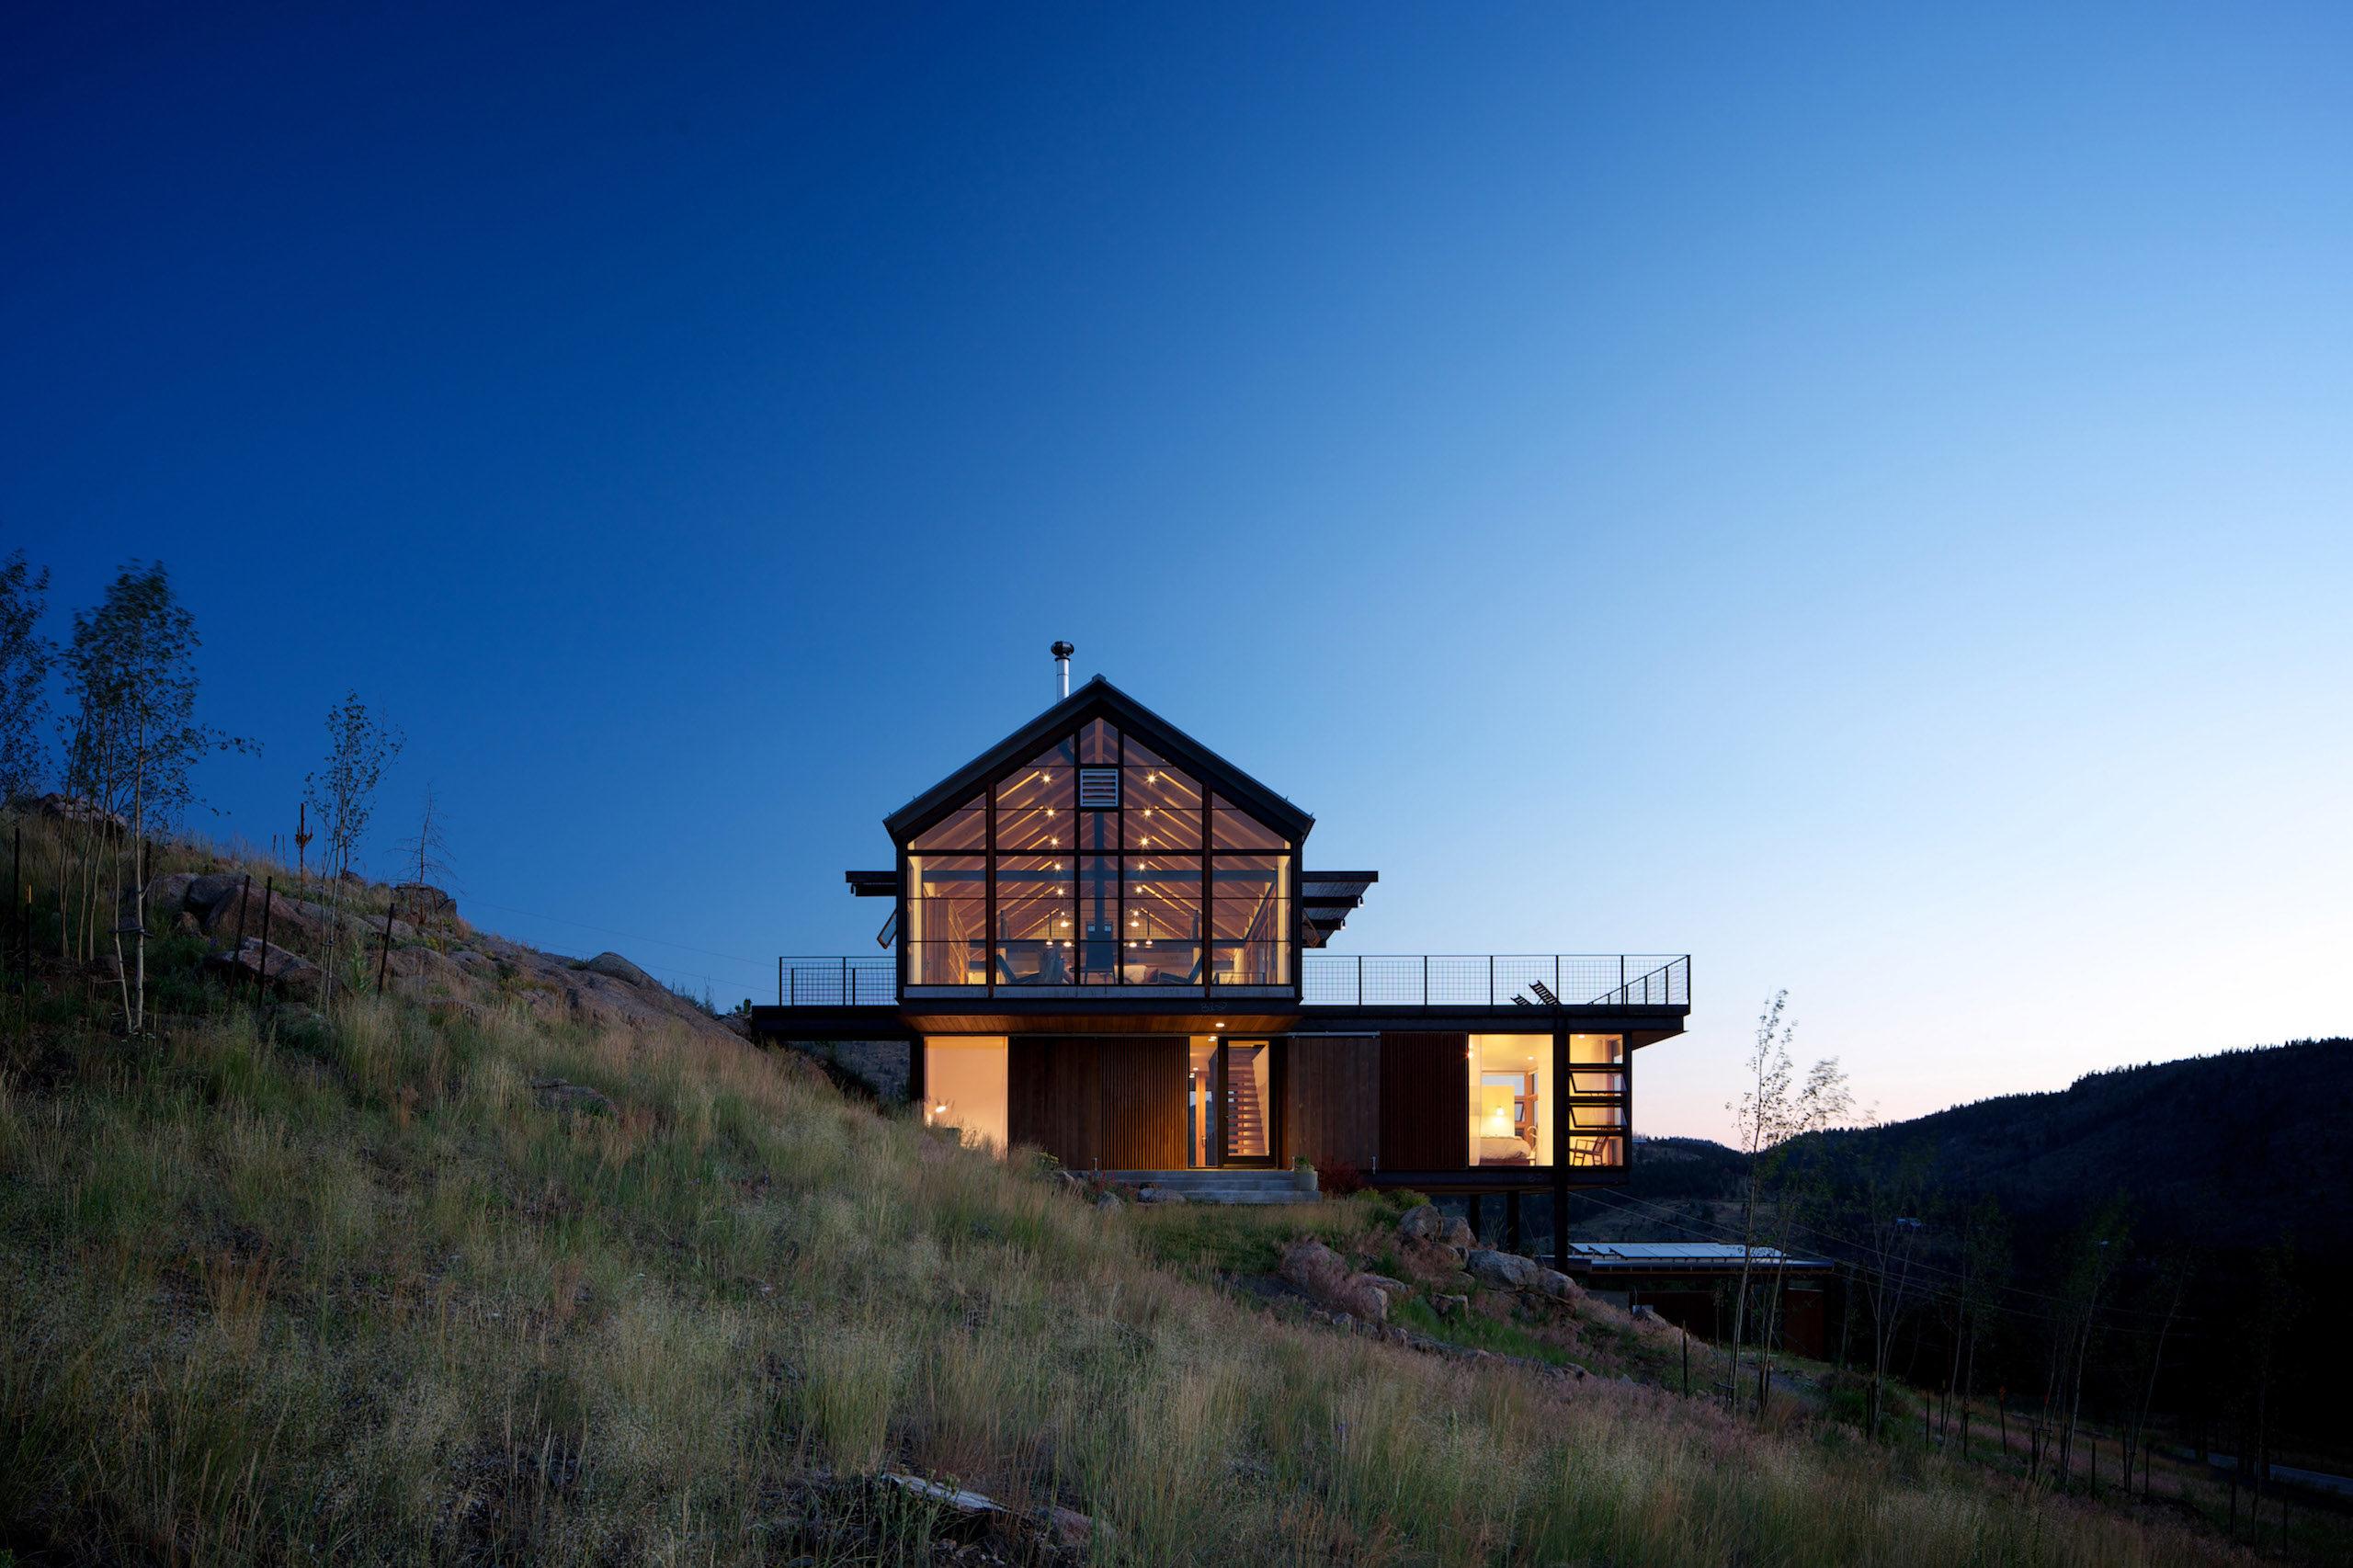 Sunshine Canyon House image 3